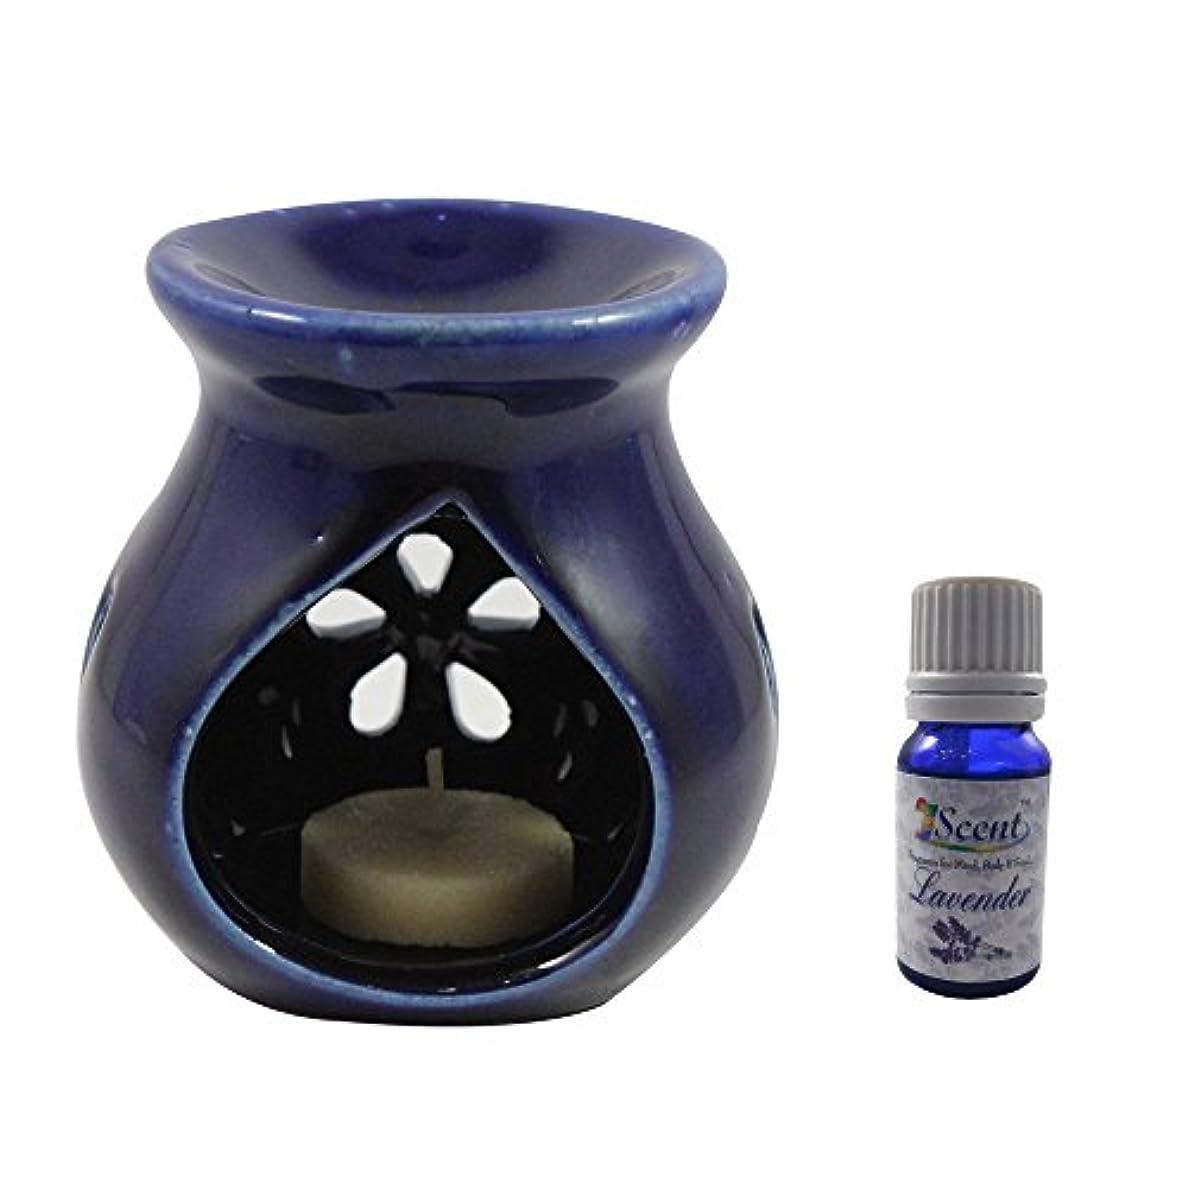 もつれ有害溝ホームデコレーション定期的に使用する汚染フリーハンドメイドセラミックエスニックティーライトキャンドルアロマディフューザーオイルバーナーサンダルウッド香油ブルーカラーティーライトキャンドルアロマテラピー香油ウォーマー数量1